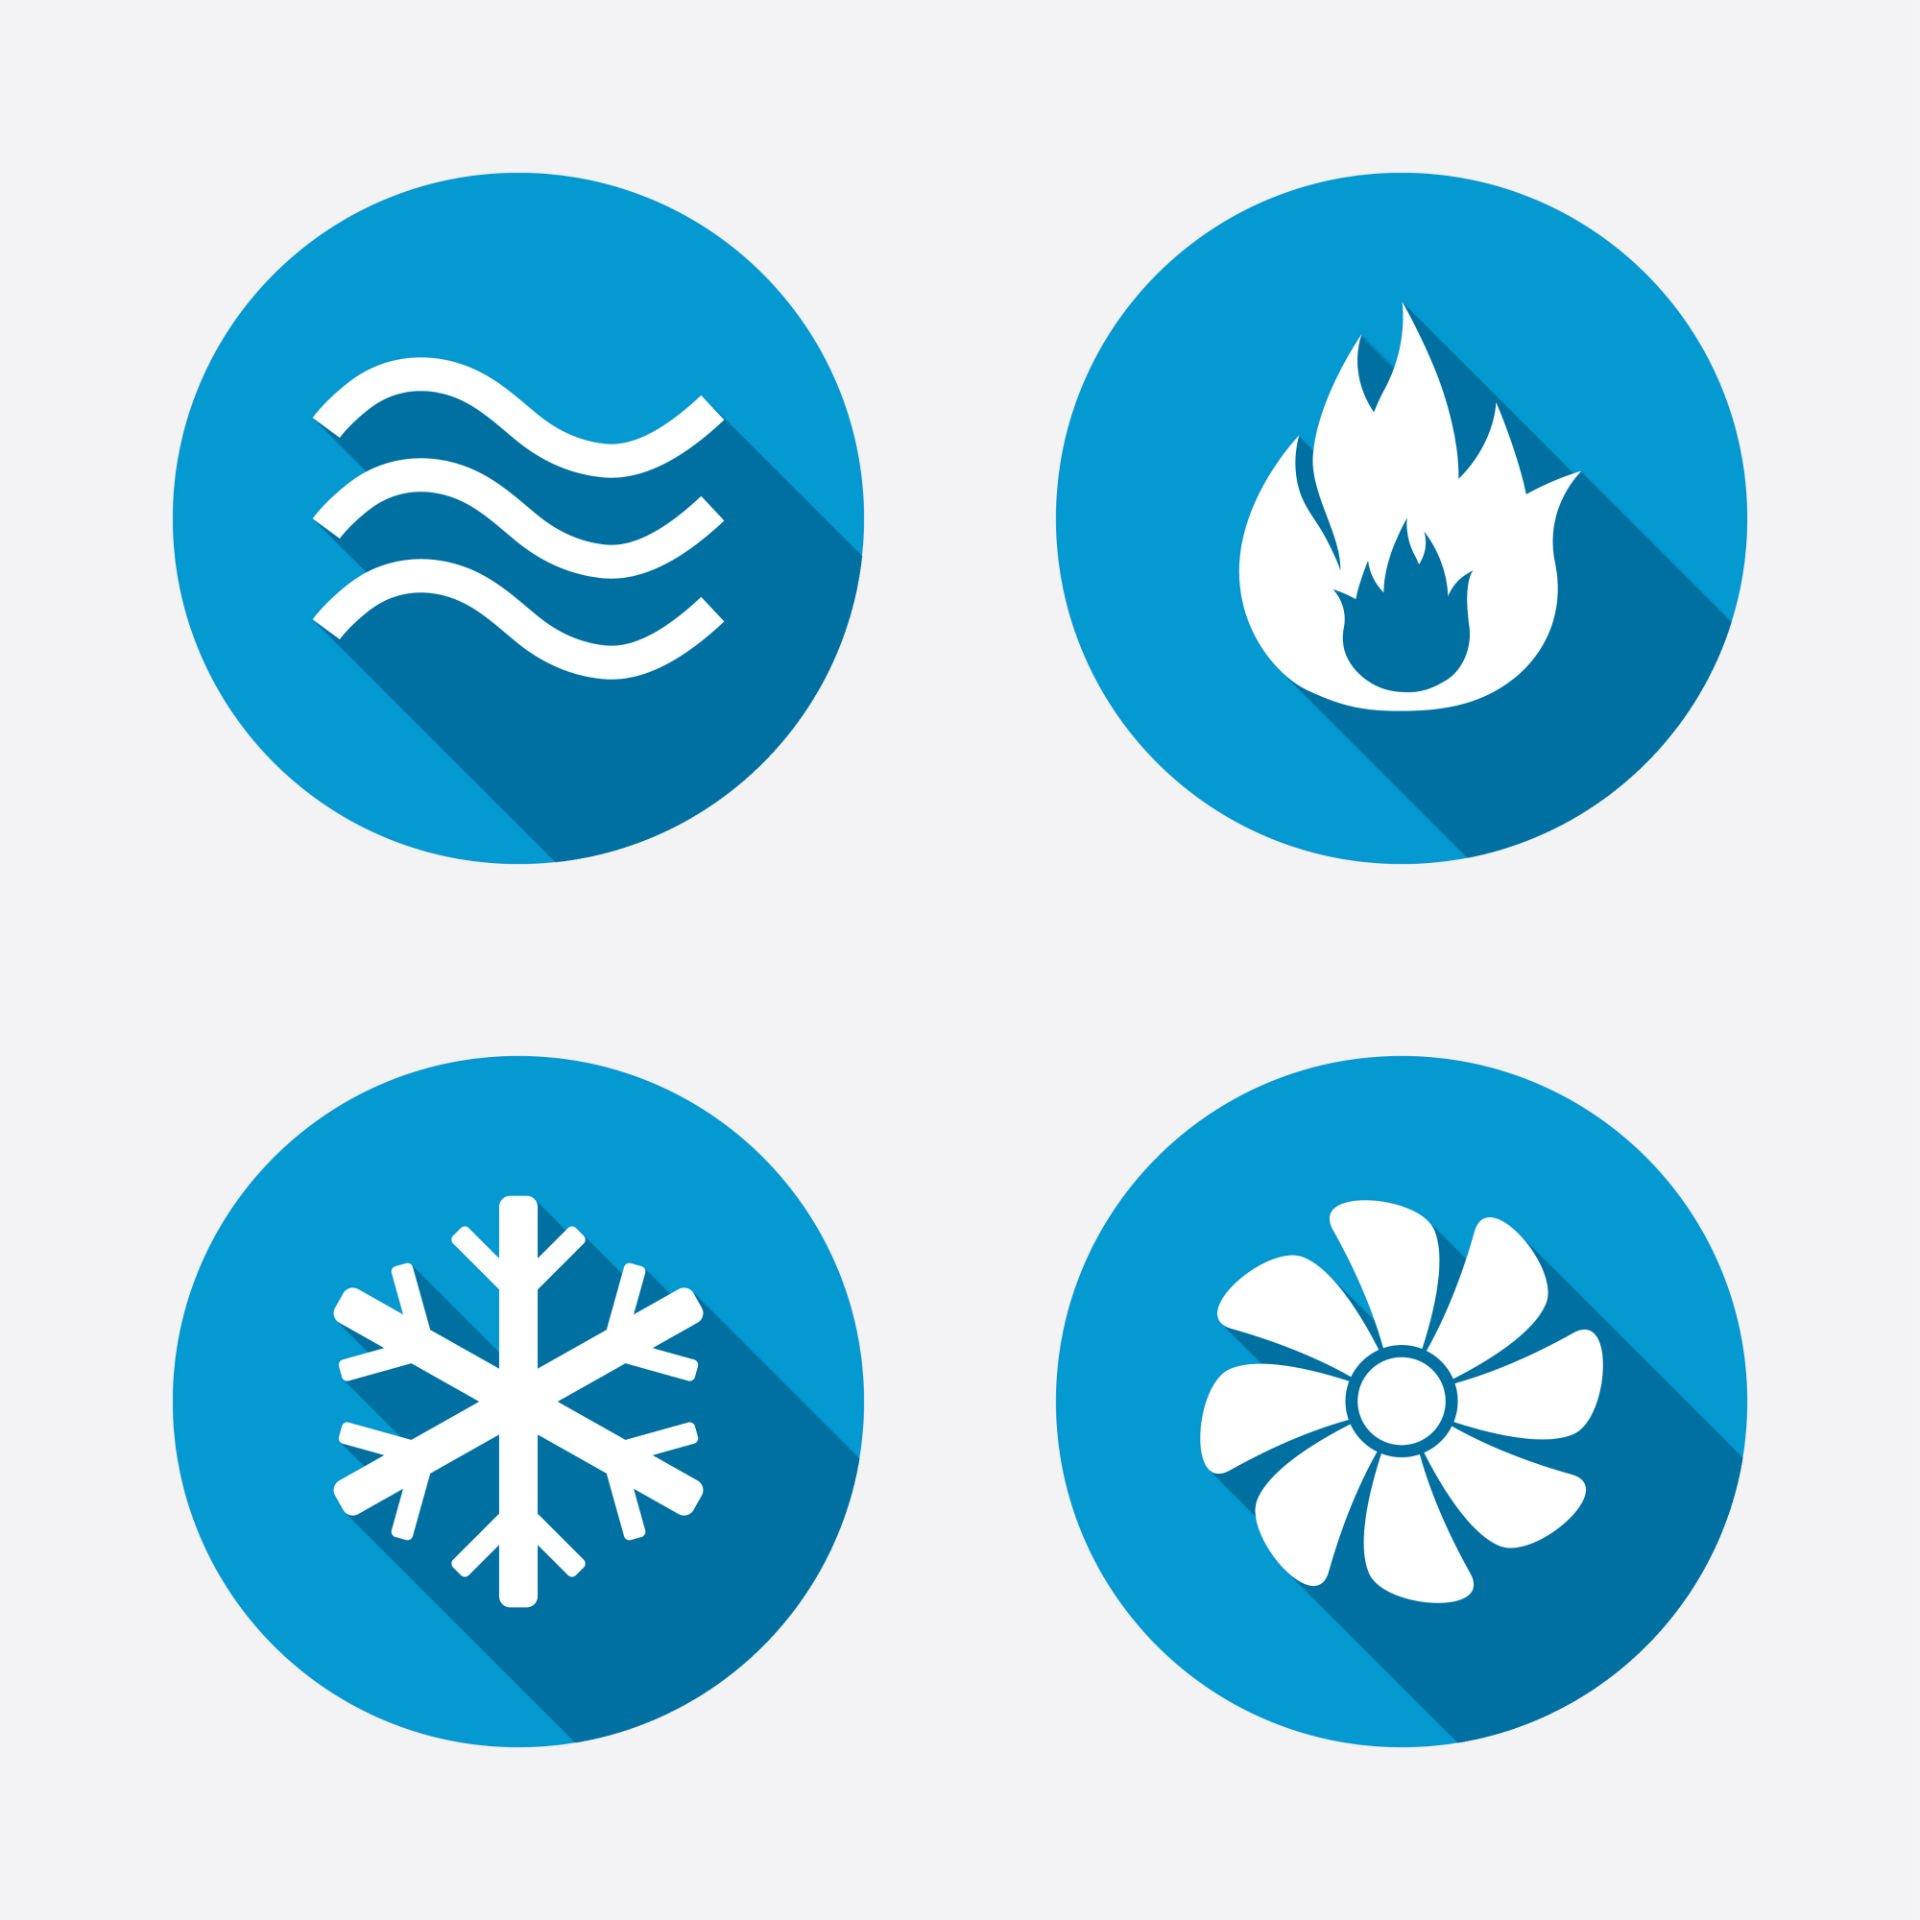 icone raffiguranti deumidificazione aria calda aria fredda e ventola